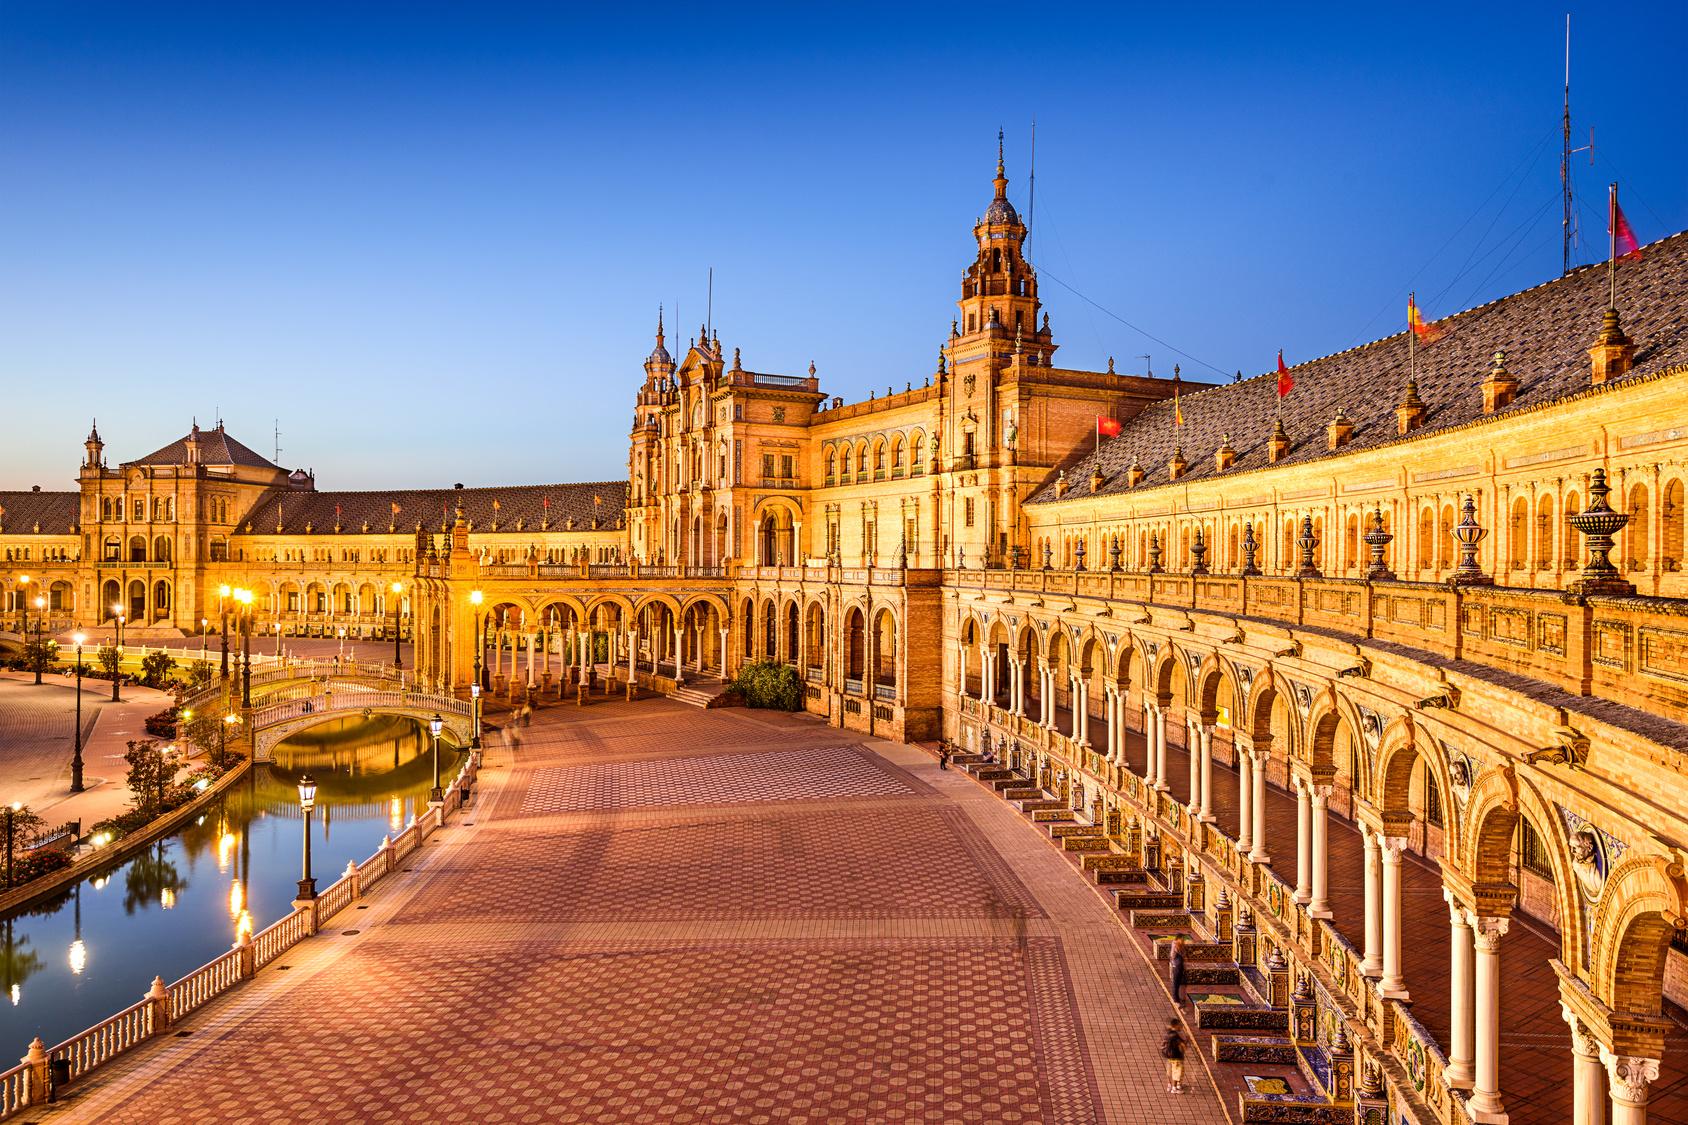 Utazás Európa legjobb városaiba - OTP Travel Utazási Iroda